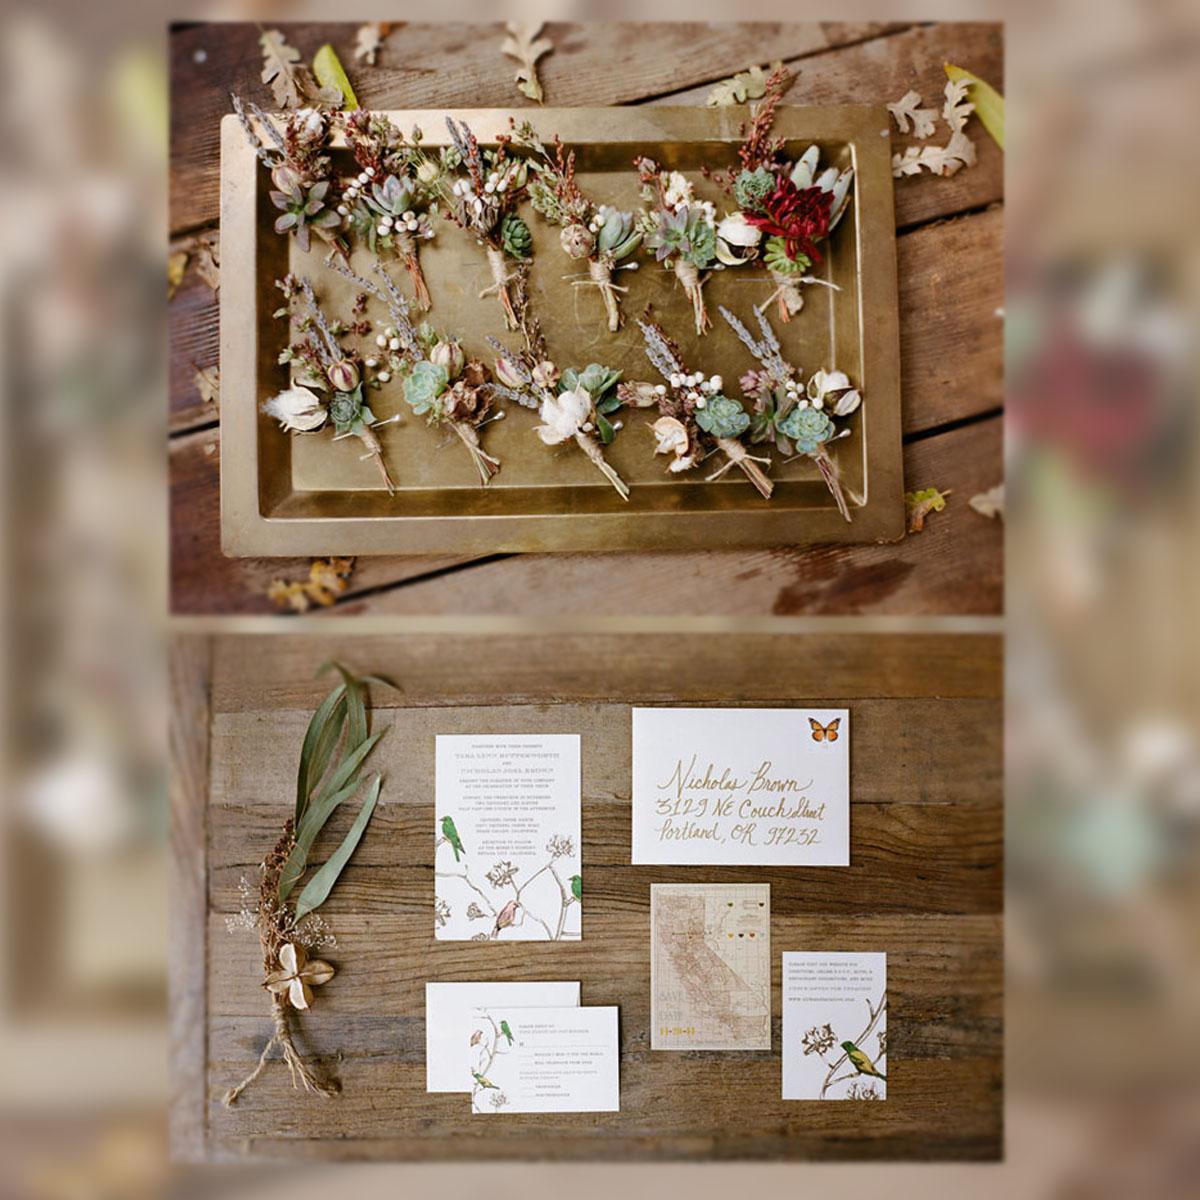 Decoraci n una boda de buc licos aires r sticos la - Decoracion de habitaciones de matrimonio rusticas ...